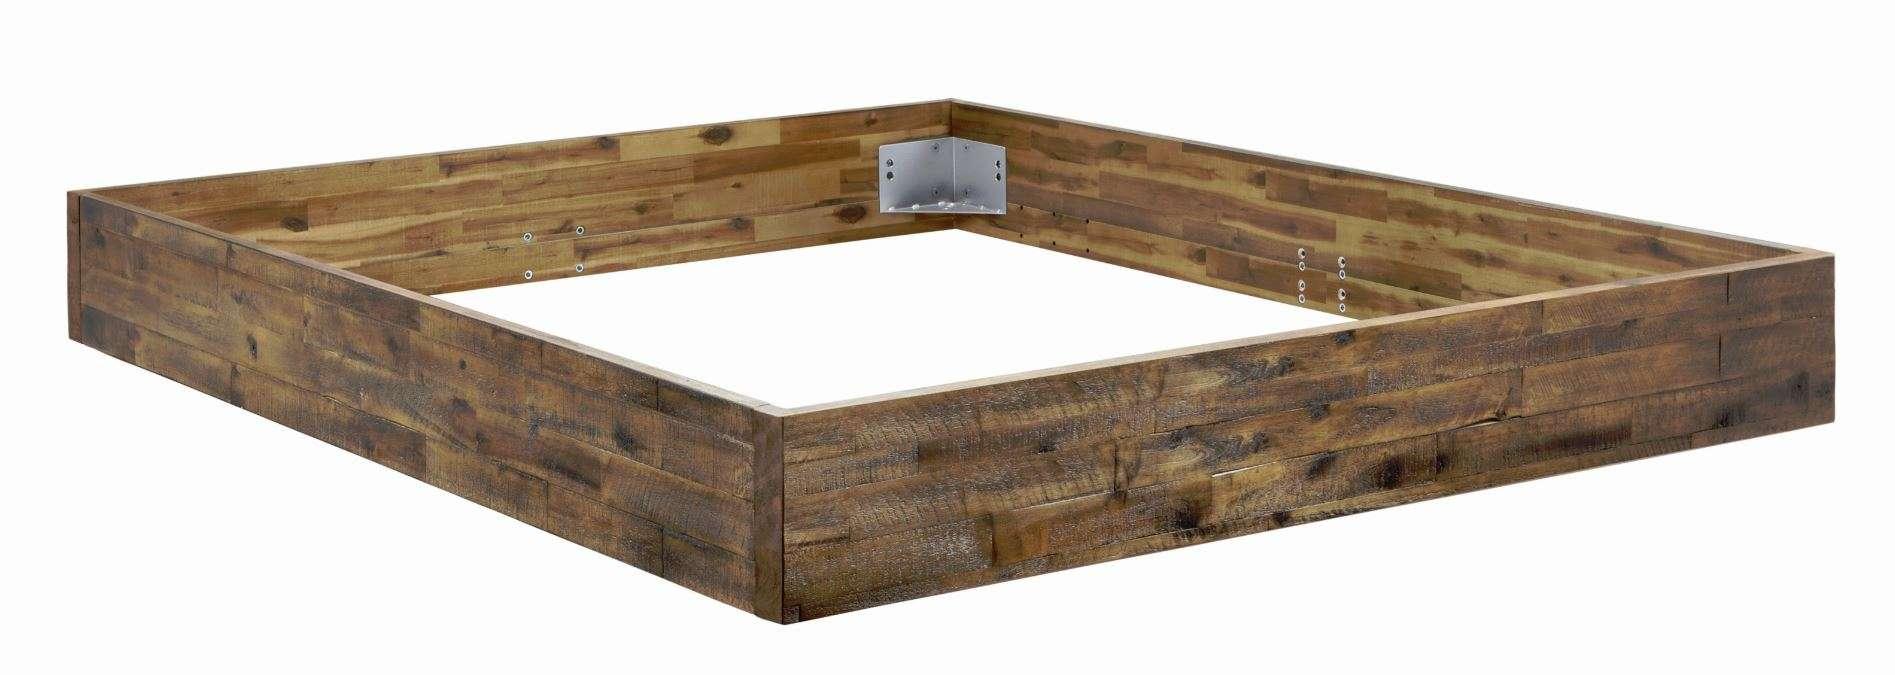 Hasena Factory-Line Bettrahmen Dallas günstig kaufen | Möbel-Universum